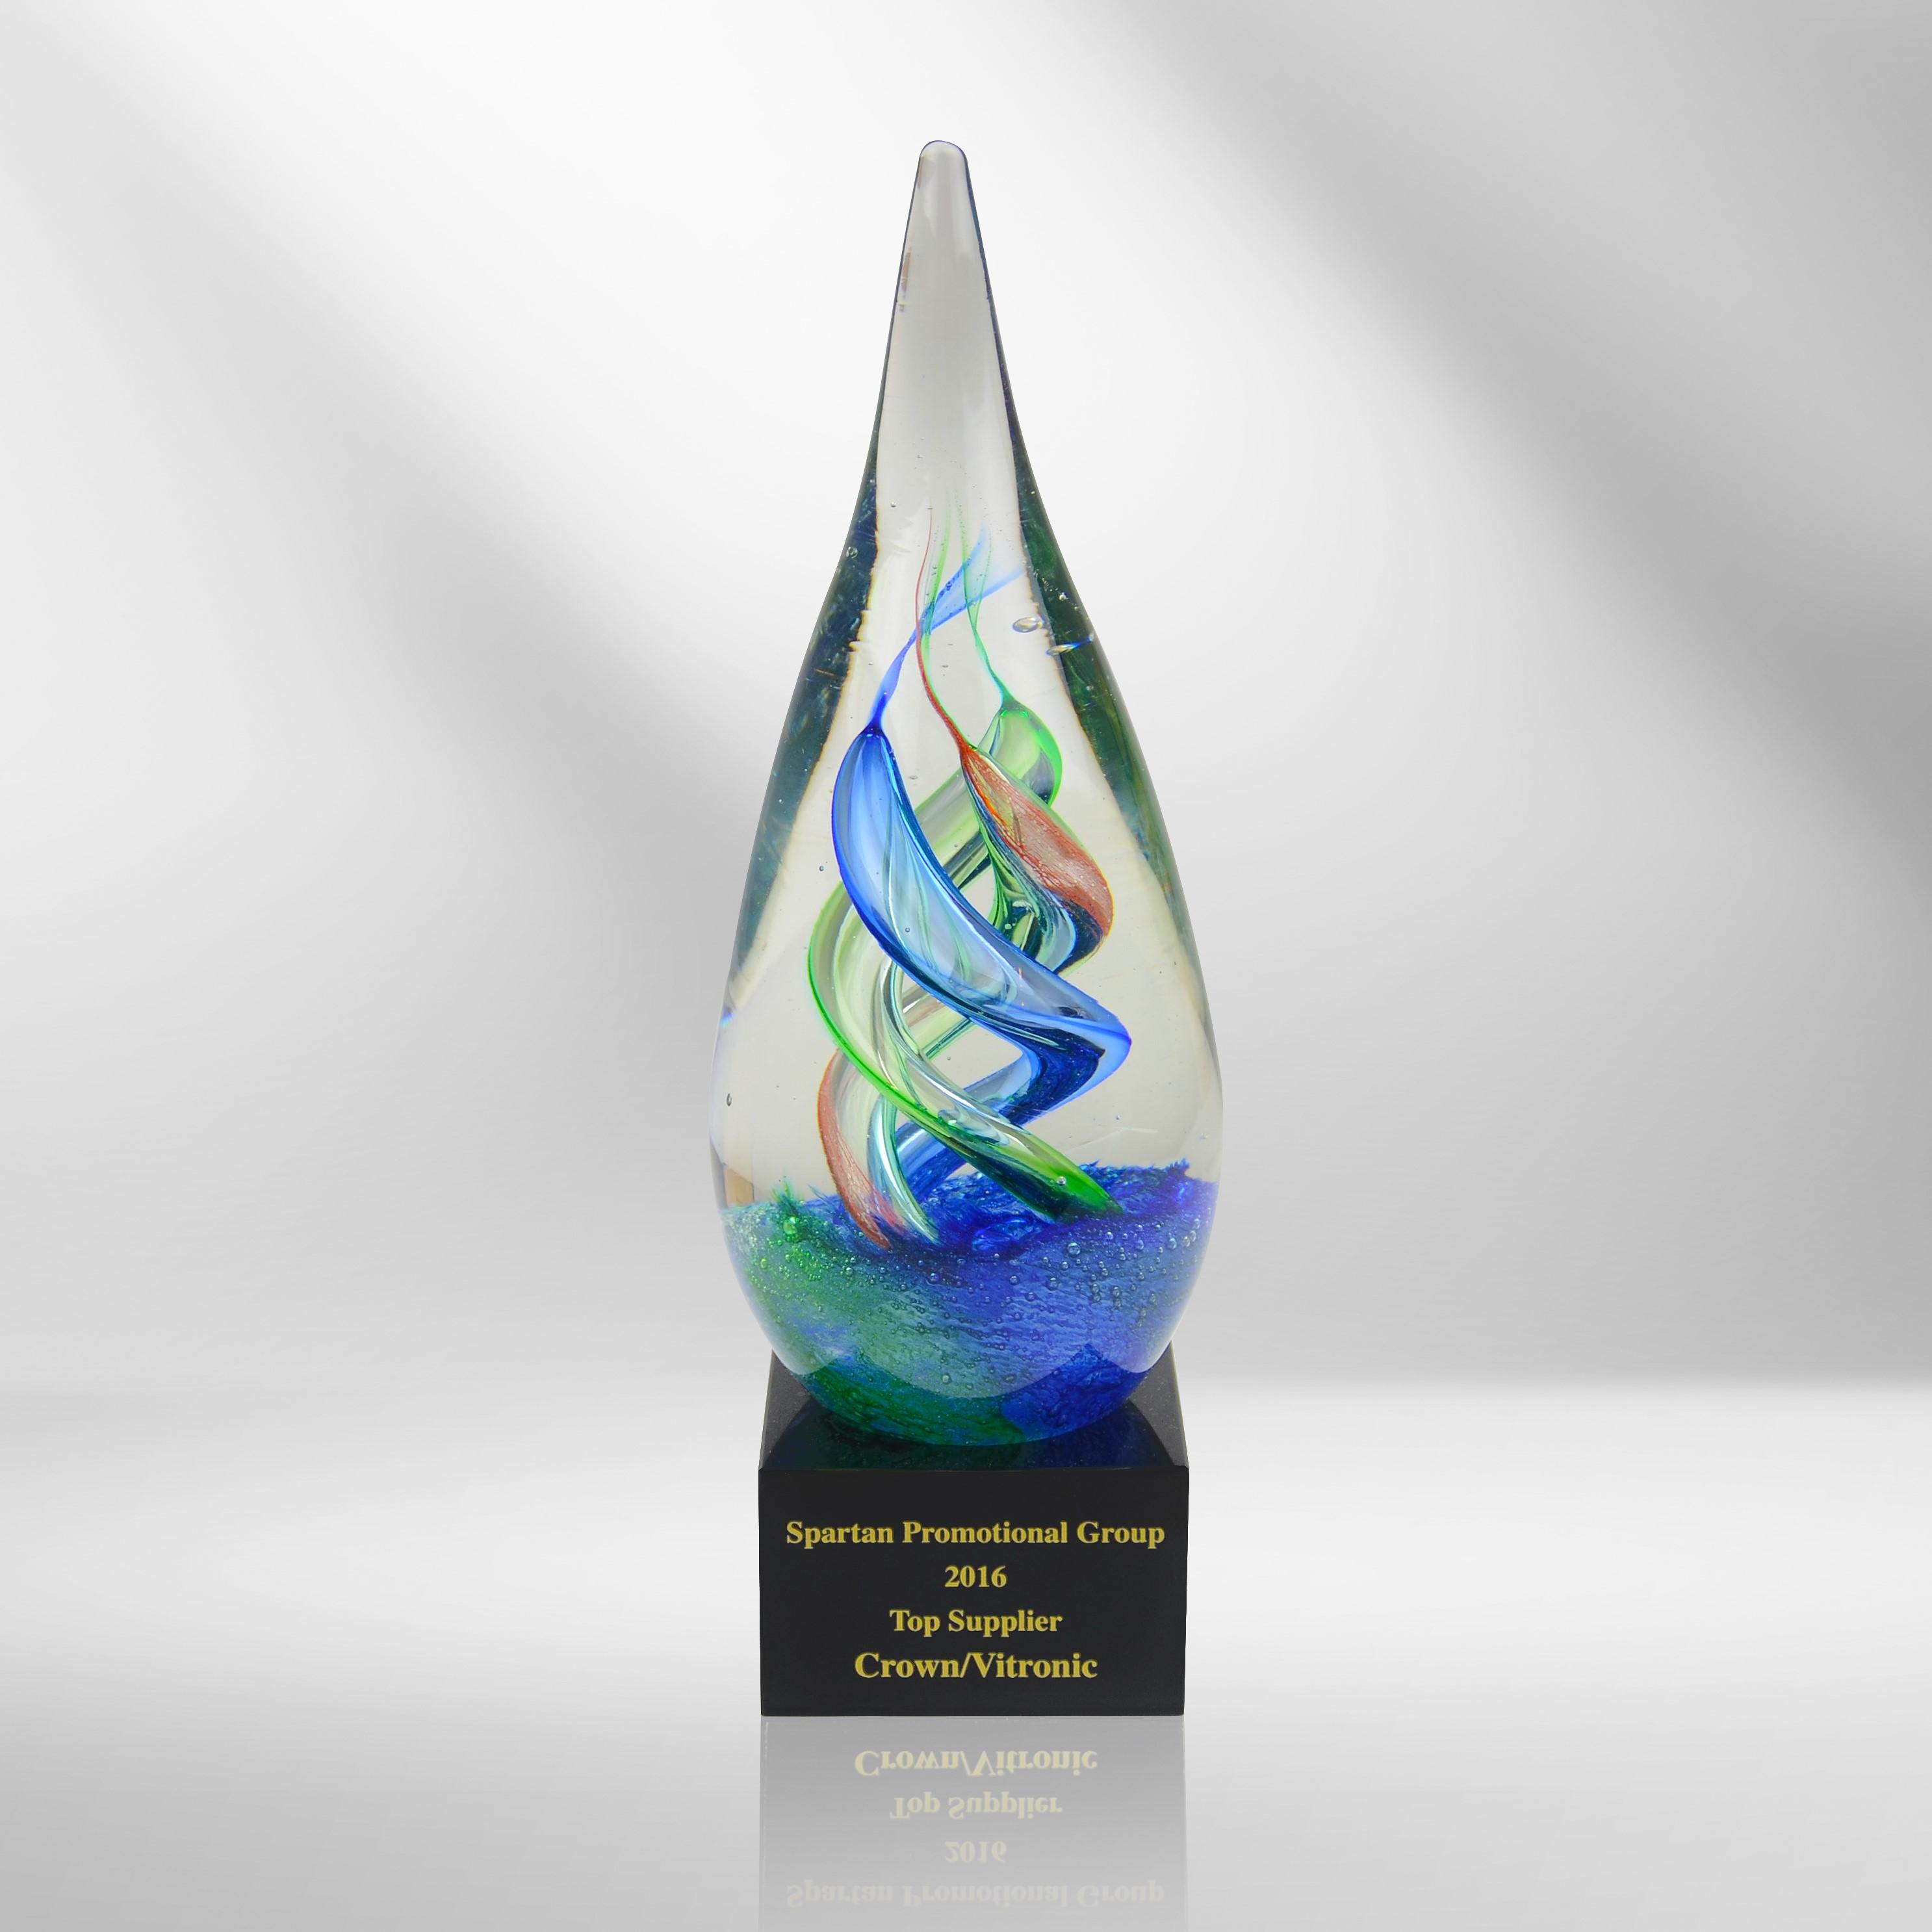 Spartan Award